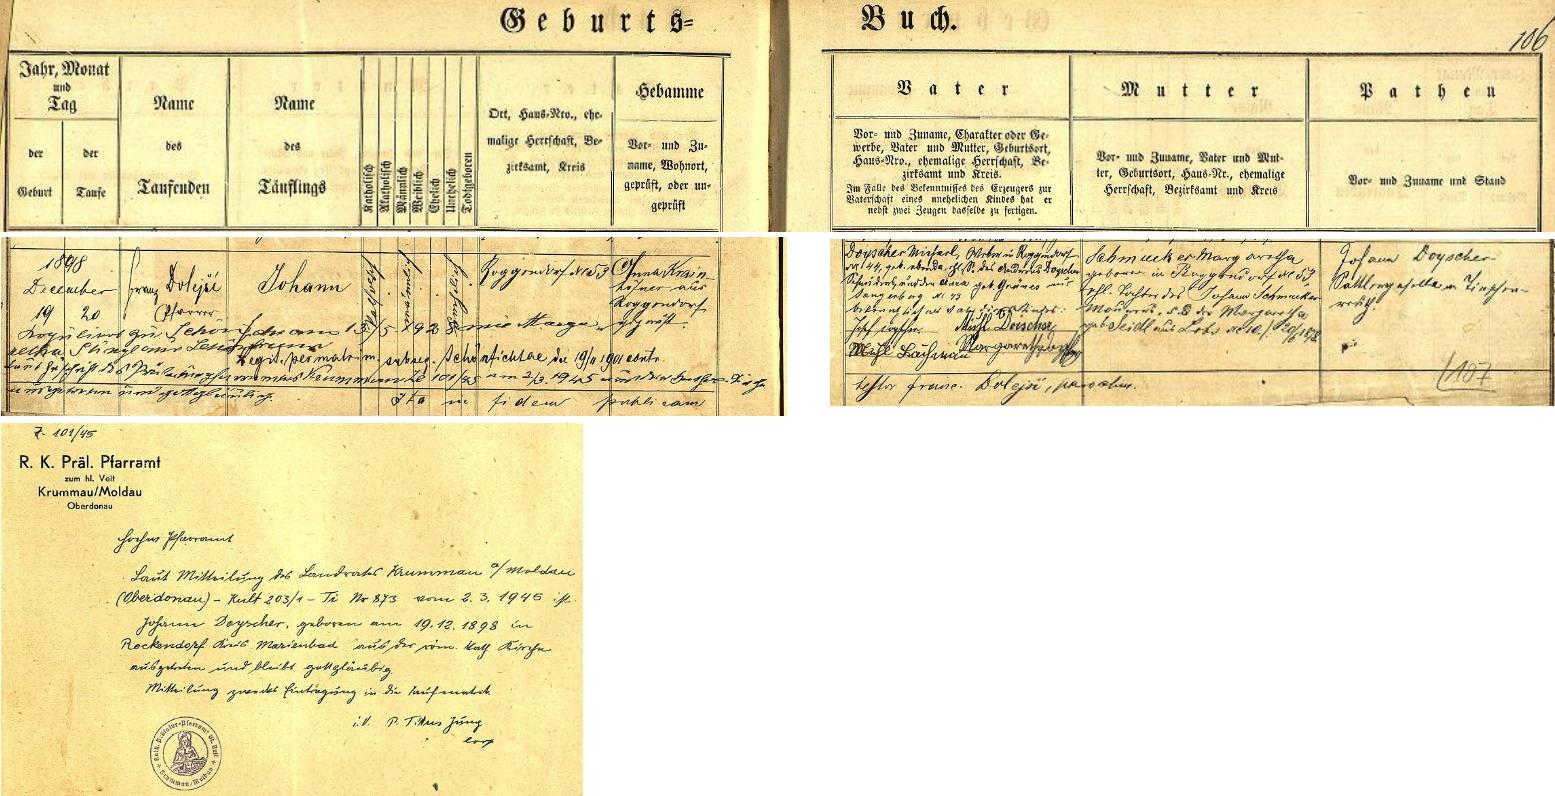 """Záznam křestní matriky zaniklé farní obce Schönficht (byla po druhé světové válce zcela zničena ve vojenském výcvikovém prostoru Prameny pod českým místním jménem Smrkovec, které jí bylo uděleno v roce 1947) o narození jeho otce Johanna Doyschera dne 19. prosince roku 1898 ve dnes rovněž zcela zaniklé vsi Roggendorf (také Ober- aUnter-Rockendorf, zanikla ovšem pod českým jménem Žitná) čp. 53 a jeho křtu den nato, který vykonal v""""schönfichtském"""" farním kostele, zasvěceném zemskému patronovi sv. Václavu (stavba z 15. století na místě kostela ještě staršího byla po druhé světové válce srovnána se zemí), farář Franz Dolejší - novorozencův otec, tkadlec vRoggendorfu čp. 44 Michael Doyscher (podepsaný tu jako Michl Doischer)byl synem krejčího Andrease Doyschera a jeho ženy Anny, roz. Grünesové ze Sangerbergu (dnes Prameny) čp. 43, matka dítěte Margaretha, dívčím jménem Schmuckerová, se narodila v Roggendorfu čp. 53 jako dcera zdejšího zedníka Johanna Schmuckera a jeho ženy Margarethy, roz. Seidlové z Lobzů (německy Lobes či Lobez) čp. 10 - pozdější přípis a originální, razítkem opatřené sdělení krumlovské prelatury (za druhé světové války nesl Český Krumlov německé jméno Krummau an der Moldau) dokládá vystoupení Johanna Doyschera v březnu 1945 (!) z římskokatolické církve s tím, že zůstává """"gottesgläubig"""", tj. """"věřícím v Boha"""""""